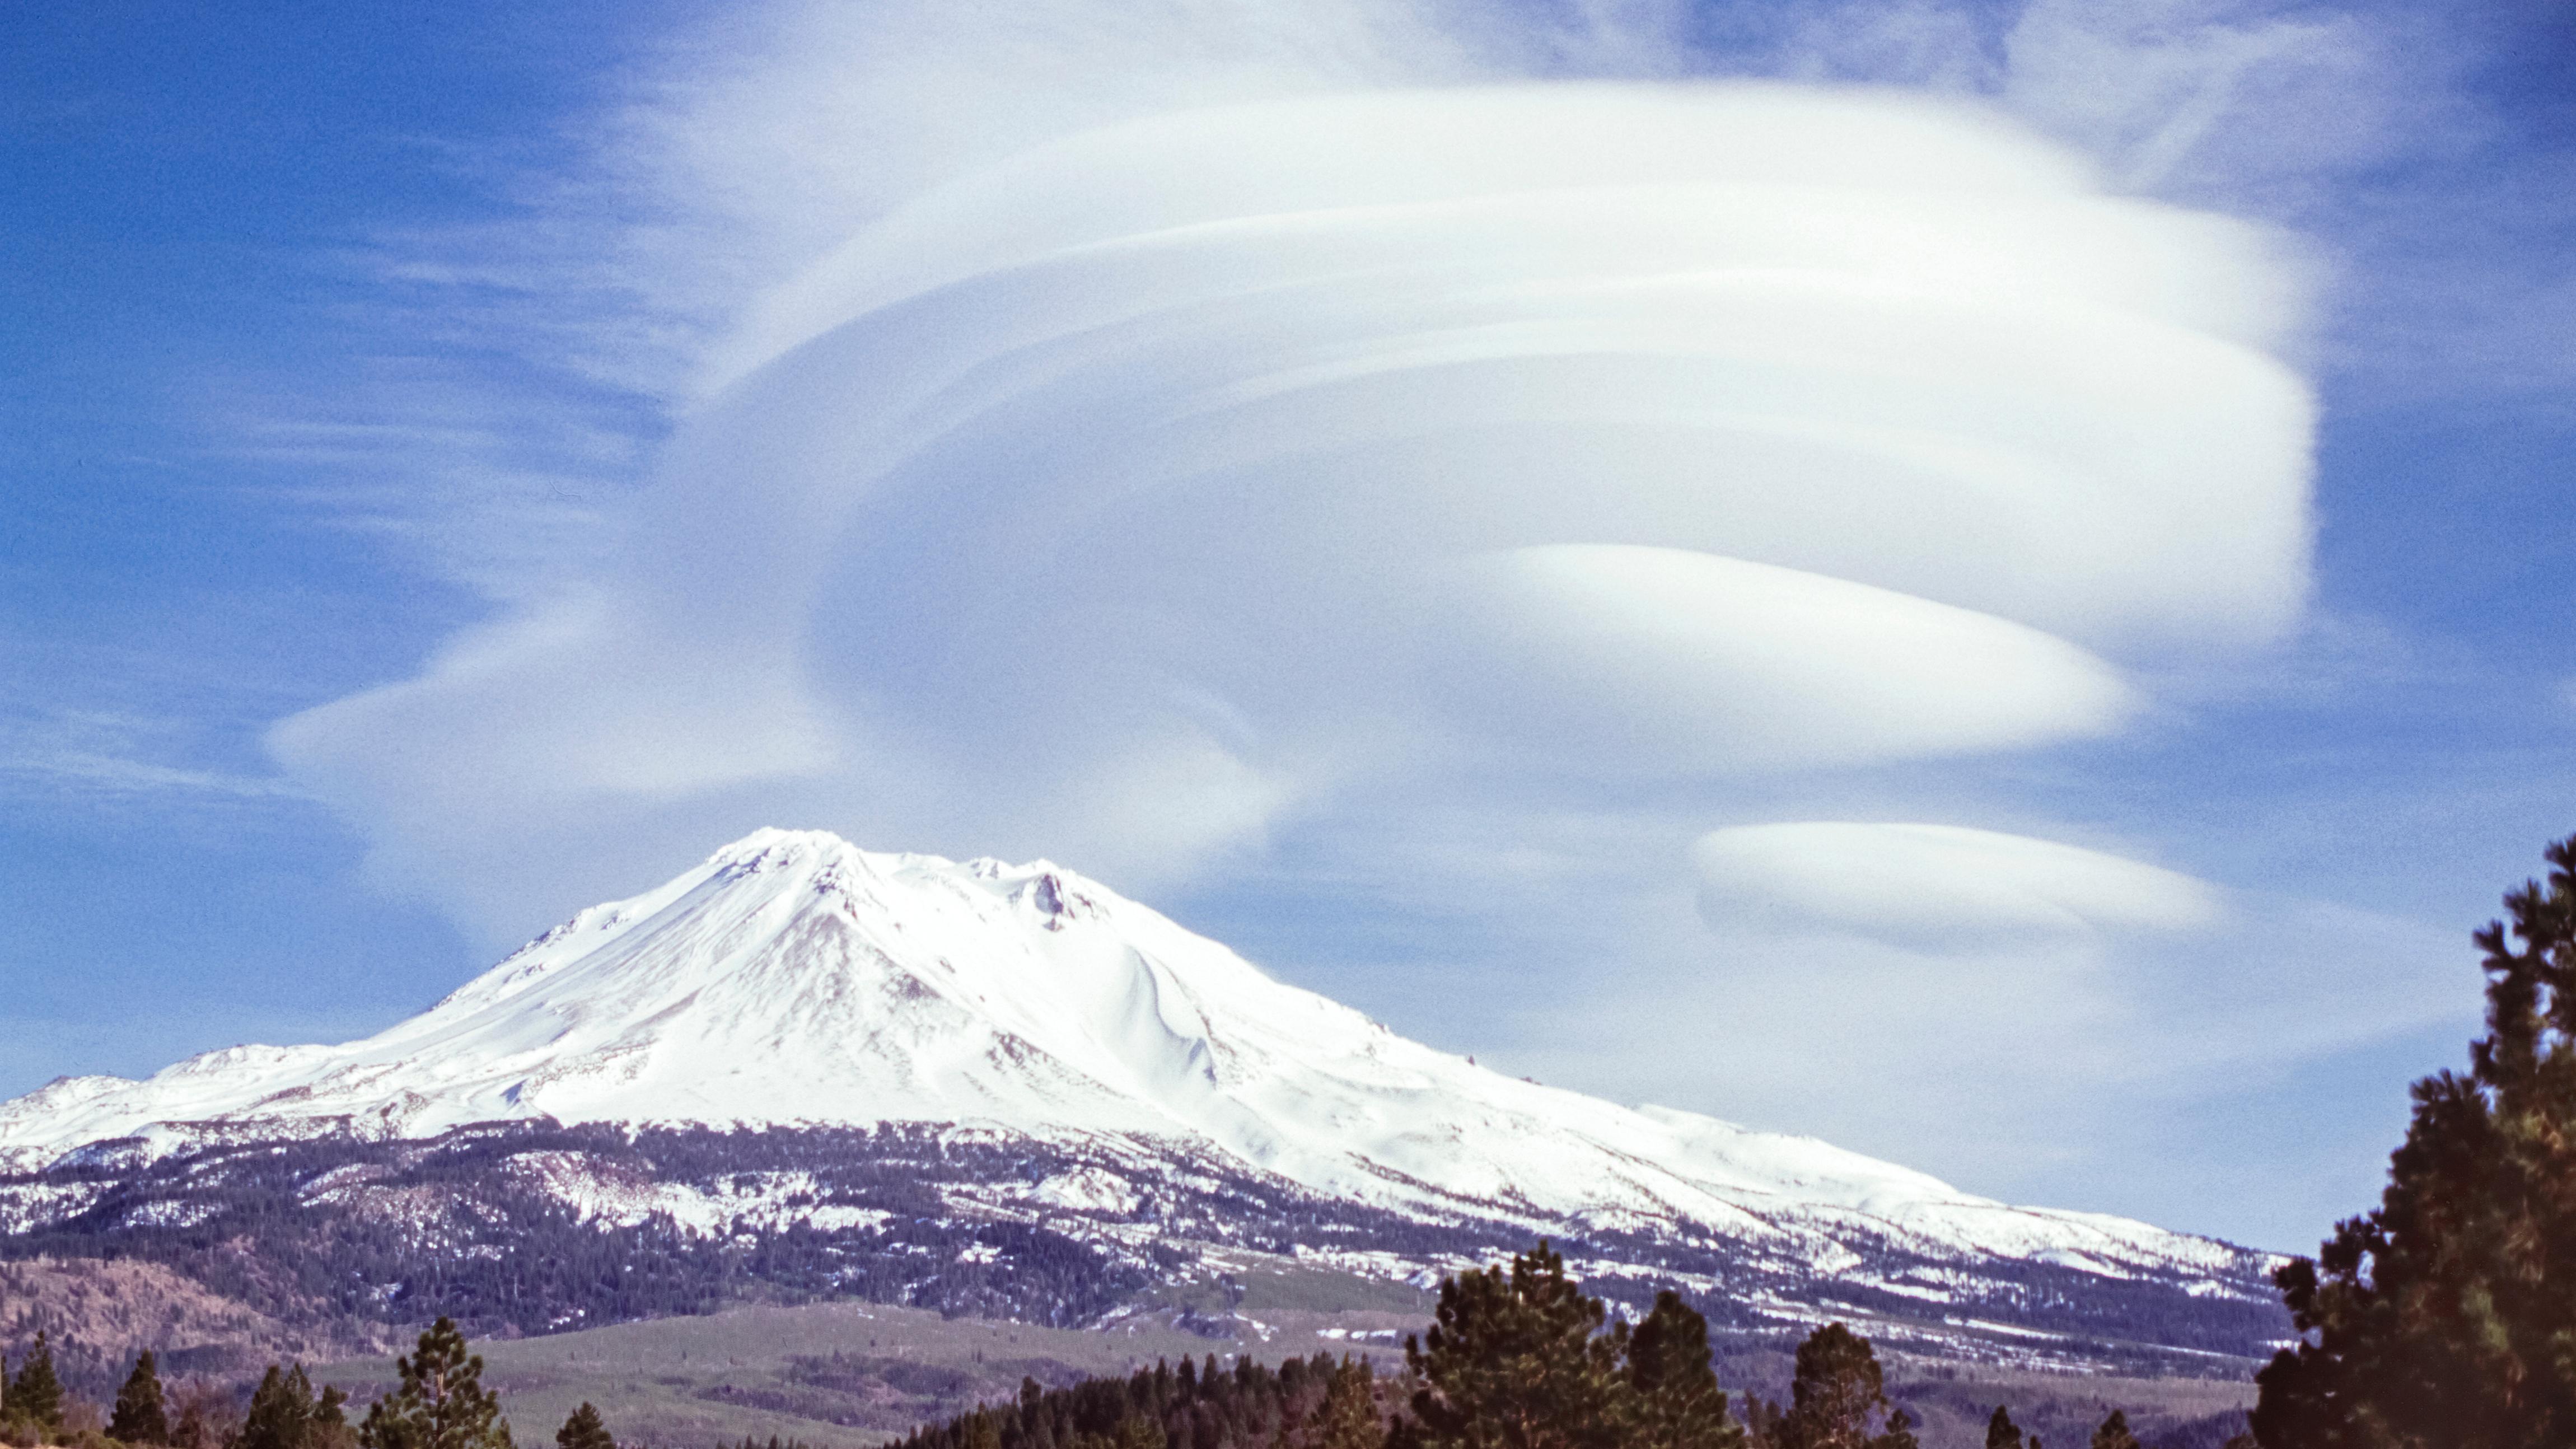 El monte Shasta es un volcán activo de Estados Unidos situado en el límite meridional de las montañas Cascade, en el condado de Siskiyou, perteneciente al estado de California